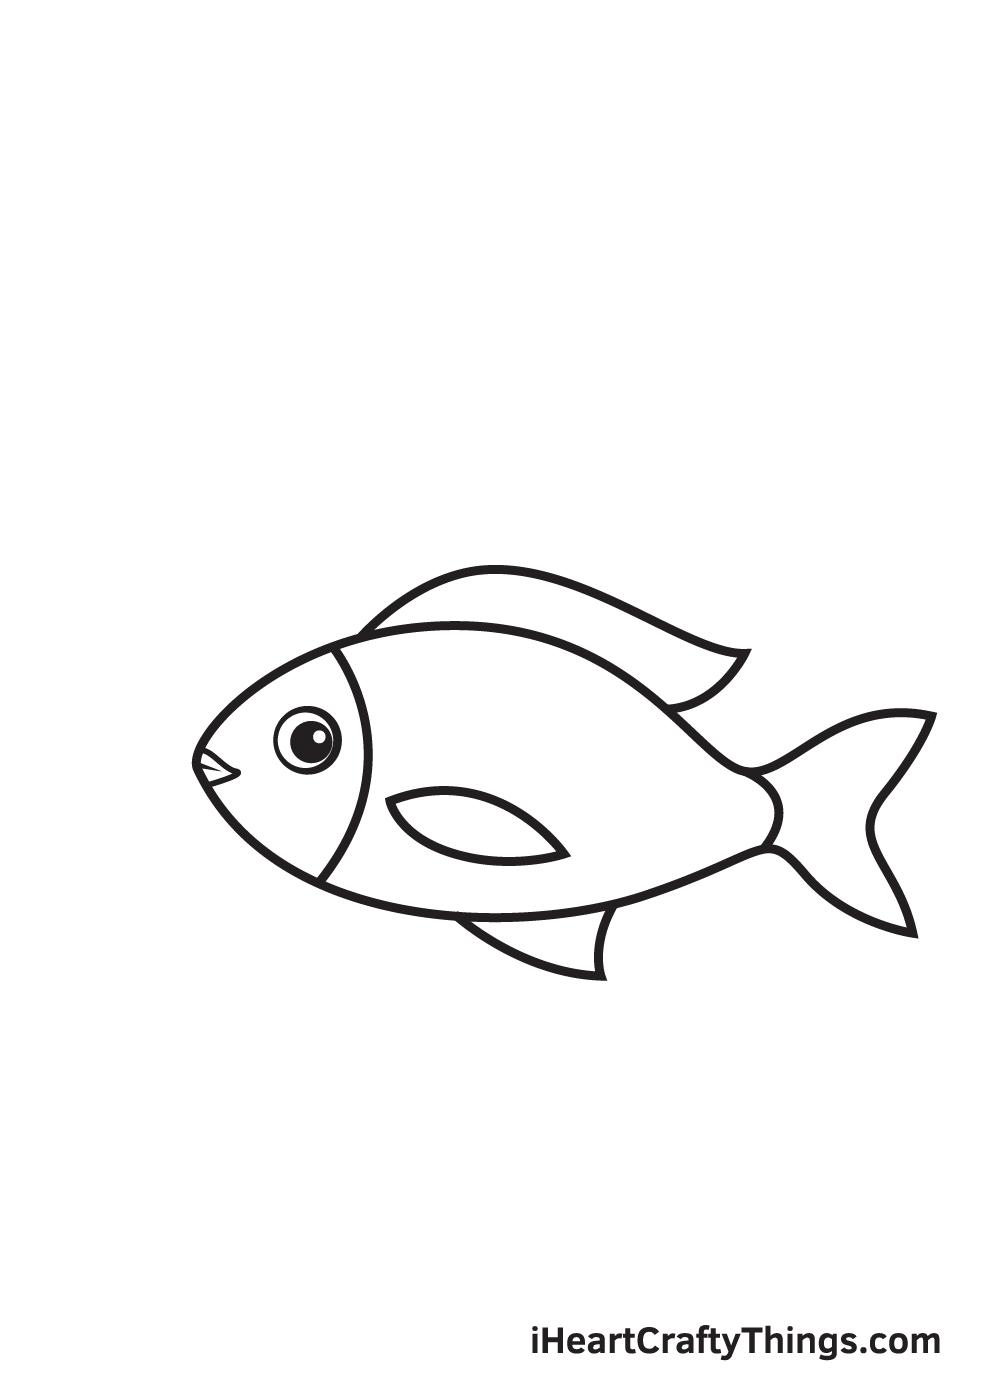 fish drawing - step 7